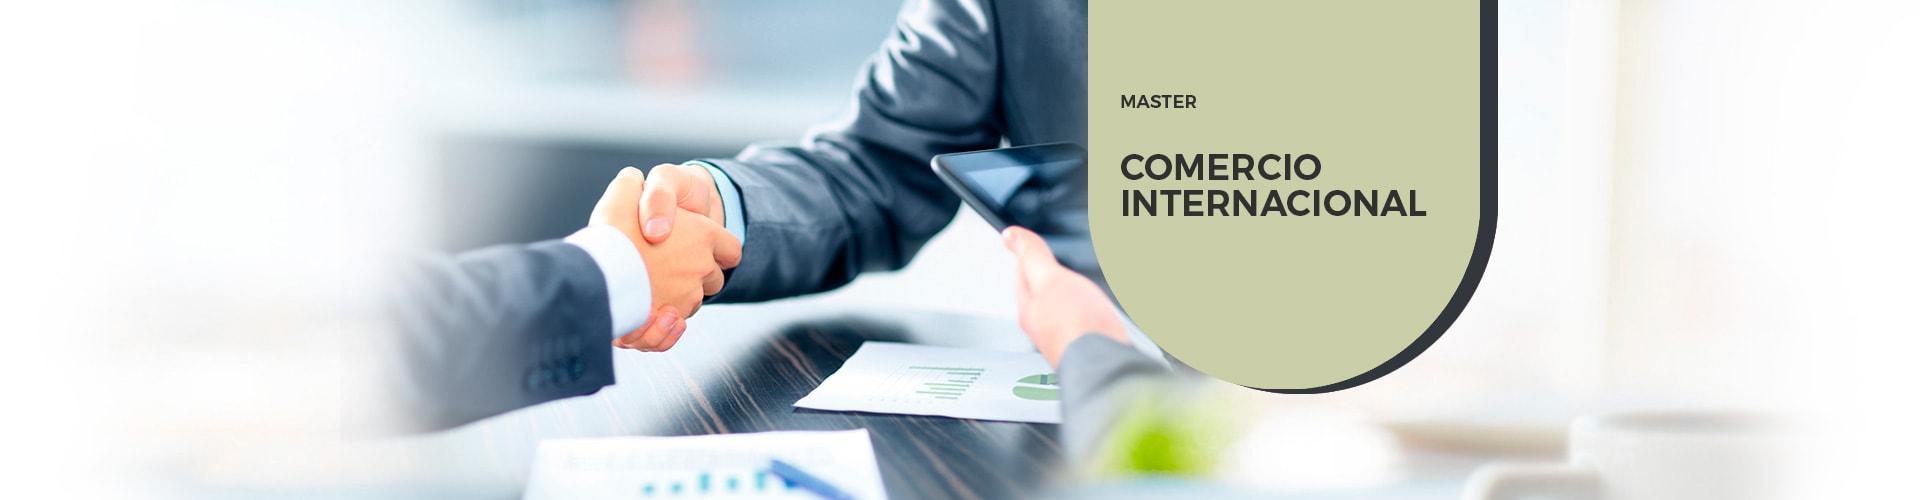 Master en Comercio internacional